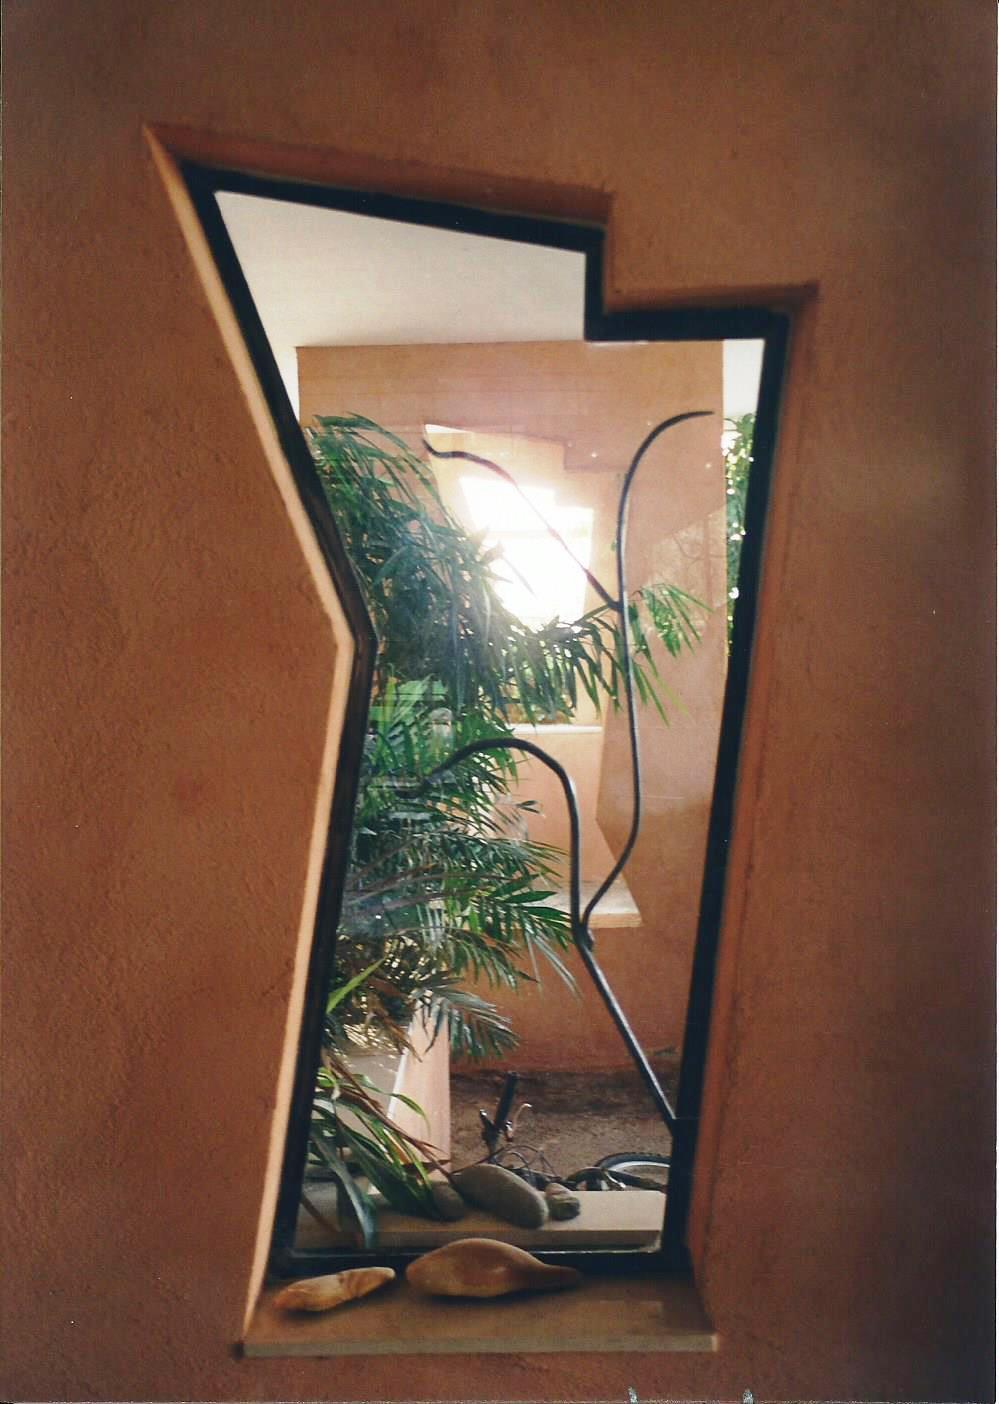 חלון בלגי צורני